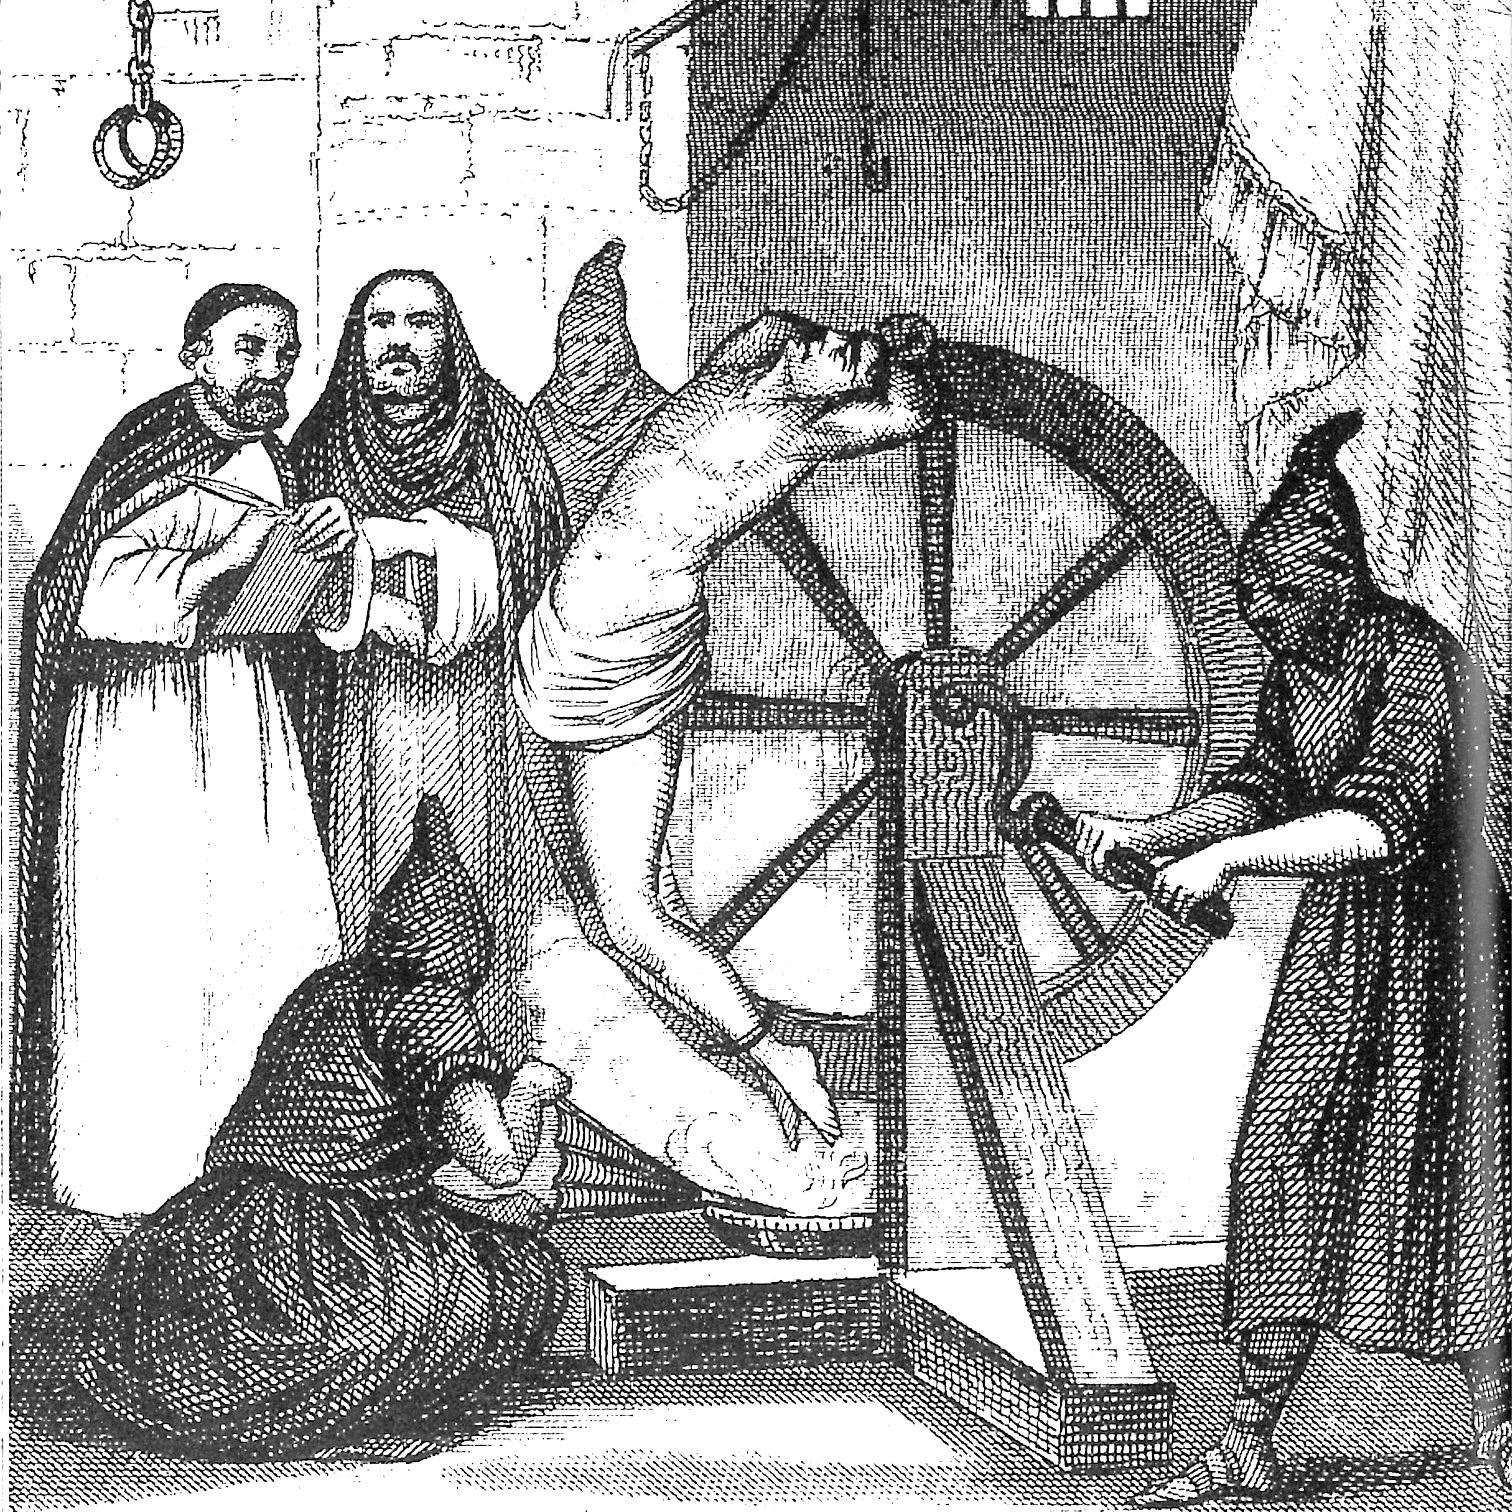 Mittelalter tortur adult pic